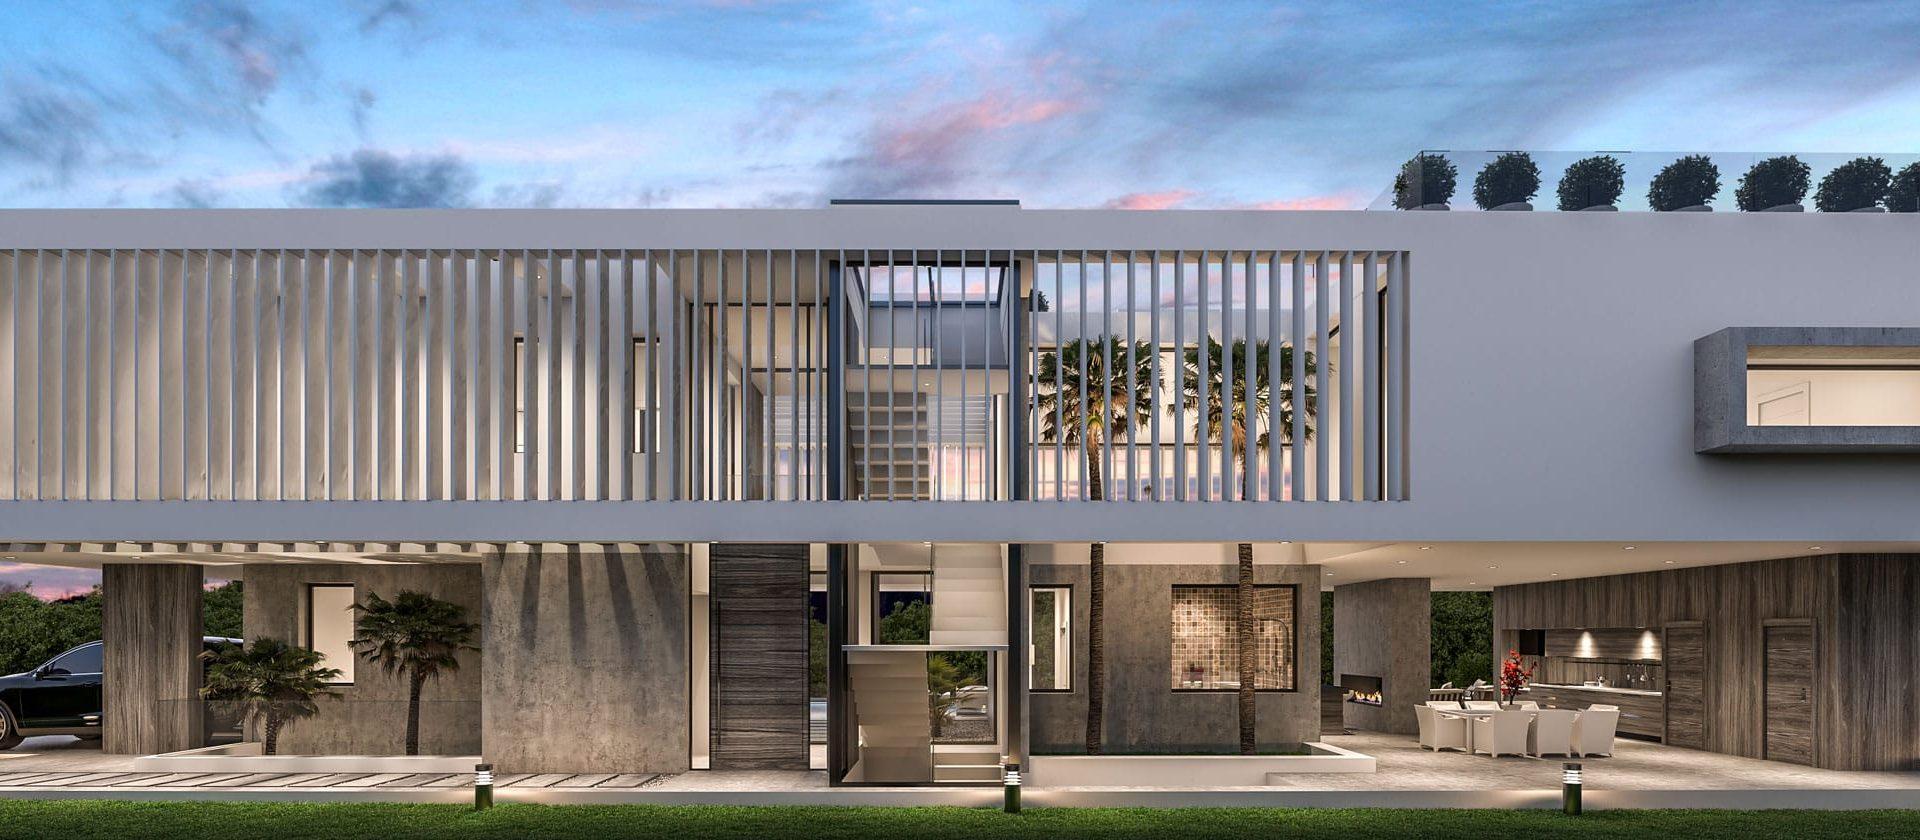 luxury-villa-dubai-marbella-madrid-b8-architecture-villa-cubus-03